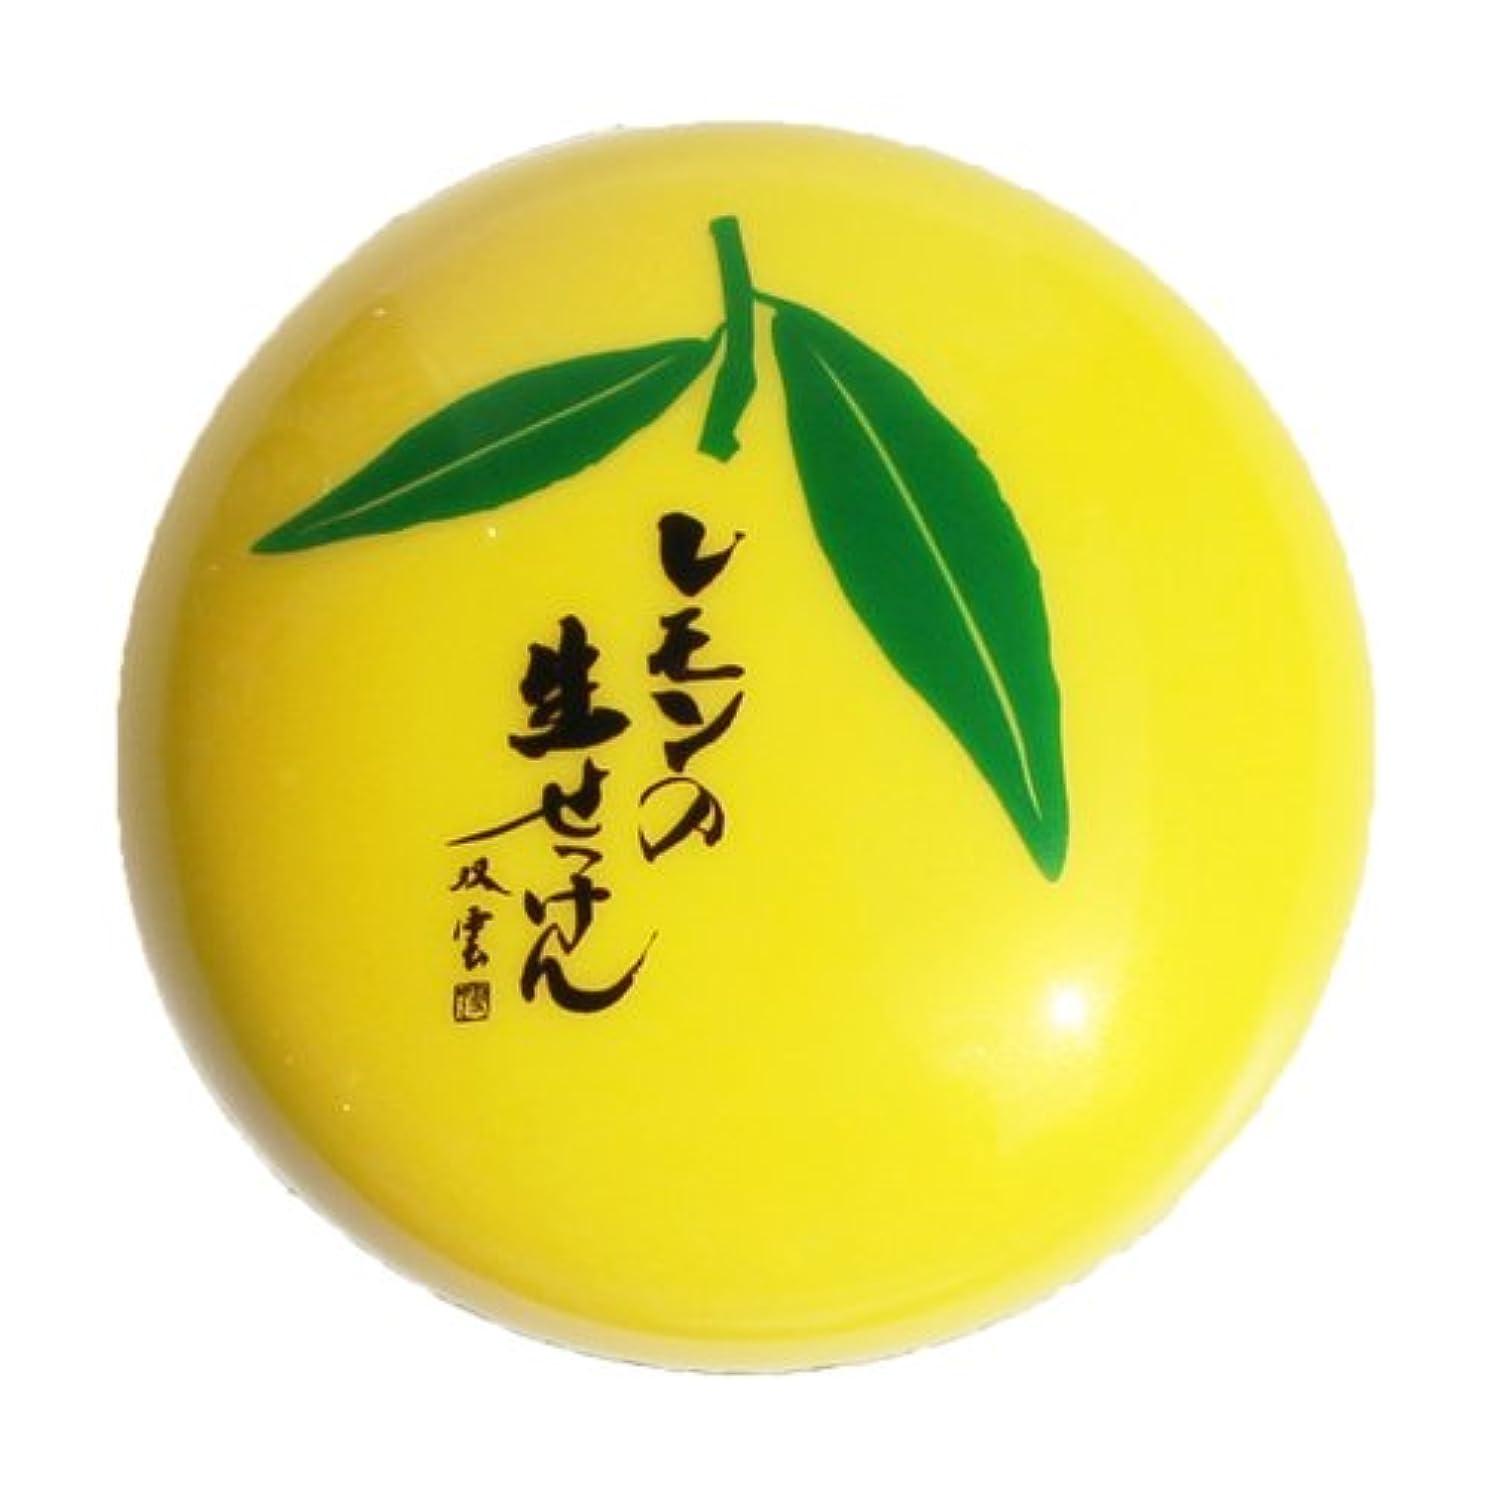 個人的に添加剤うん美香柑 レモンの生せっけん 50g